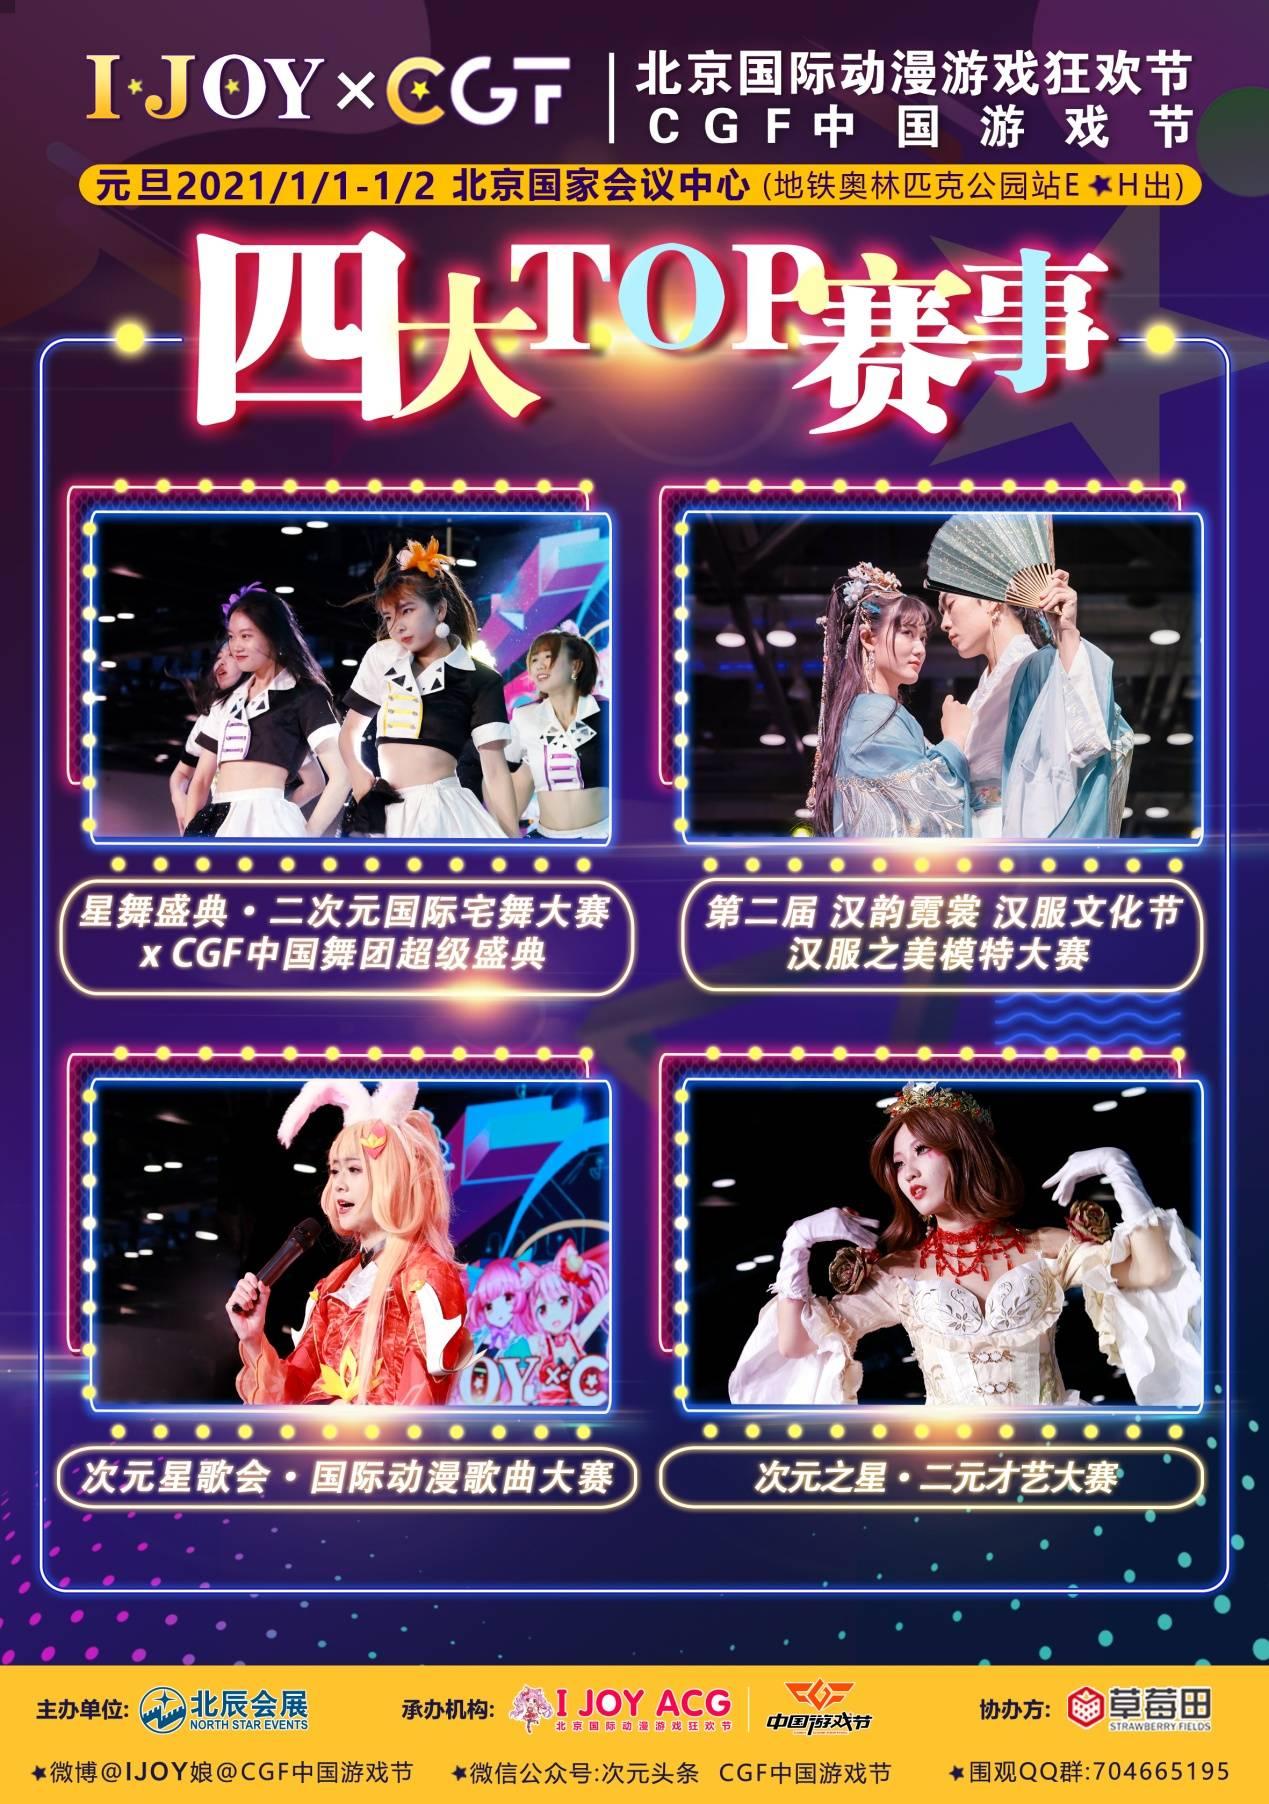 元旦IJOY × CGF北京大型动漫游戏狂欢节 和小伙伴们相约北京国家会议中心 展会活动-第3张